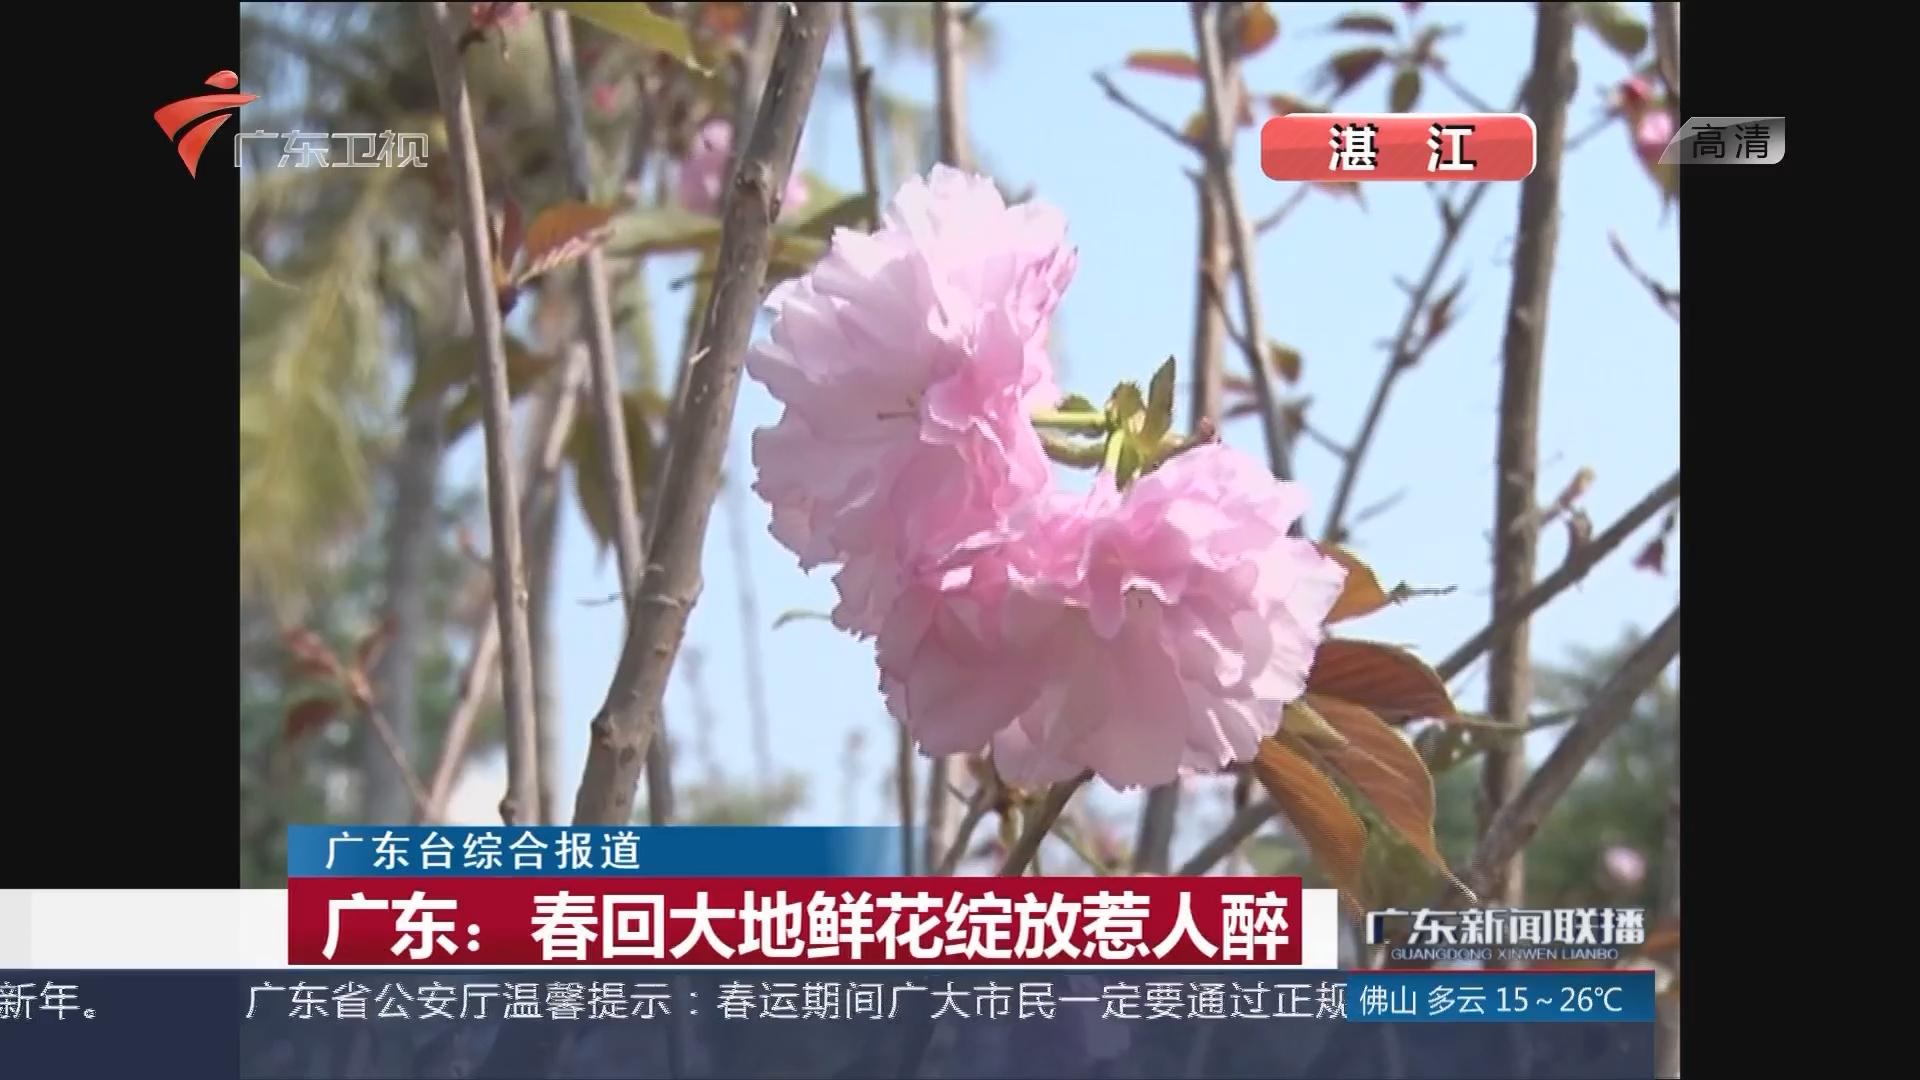 广东:春回大地鲜花绽放惹人醉